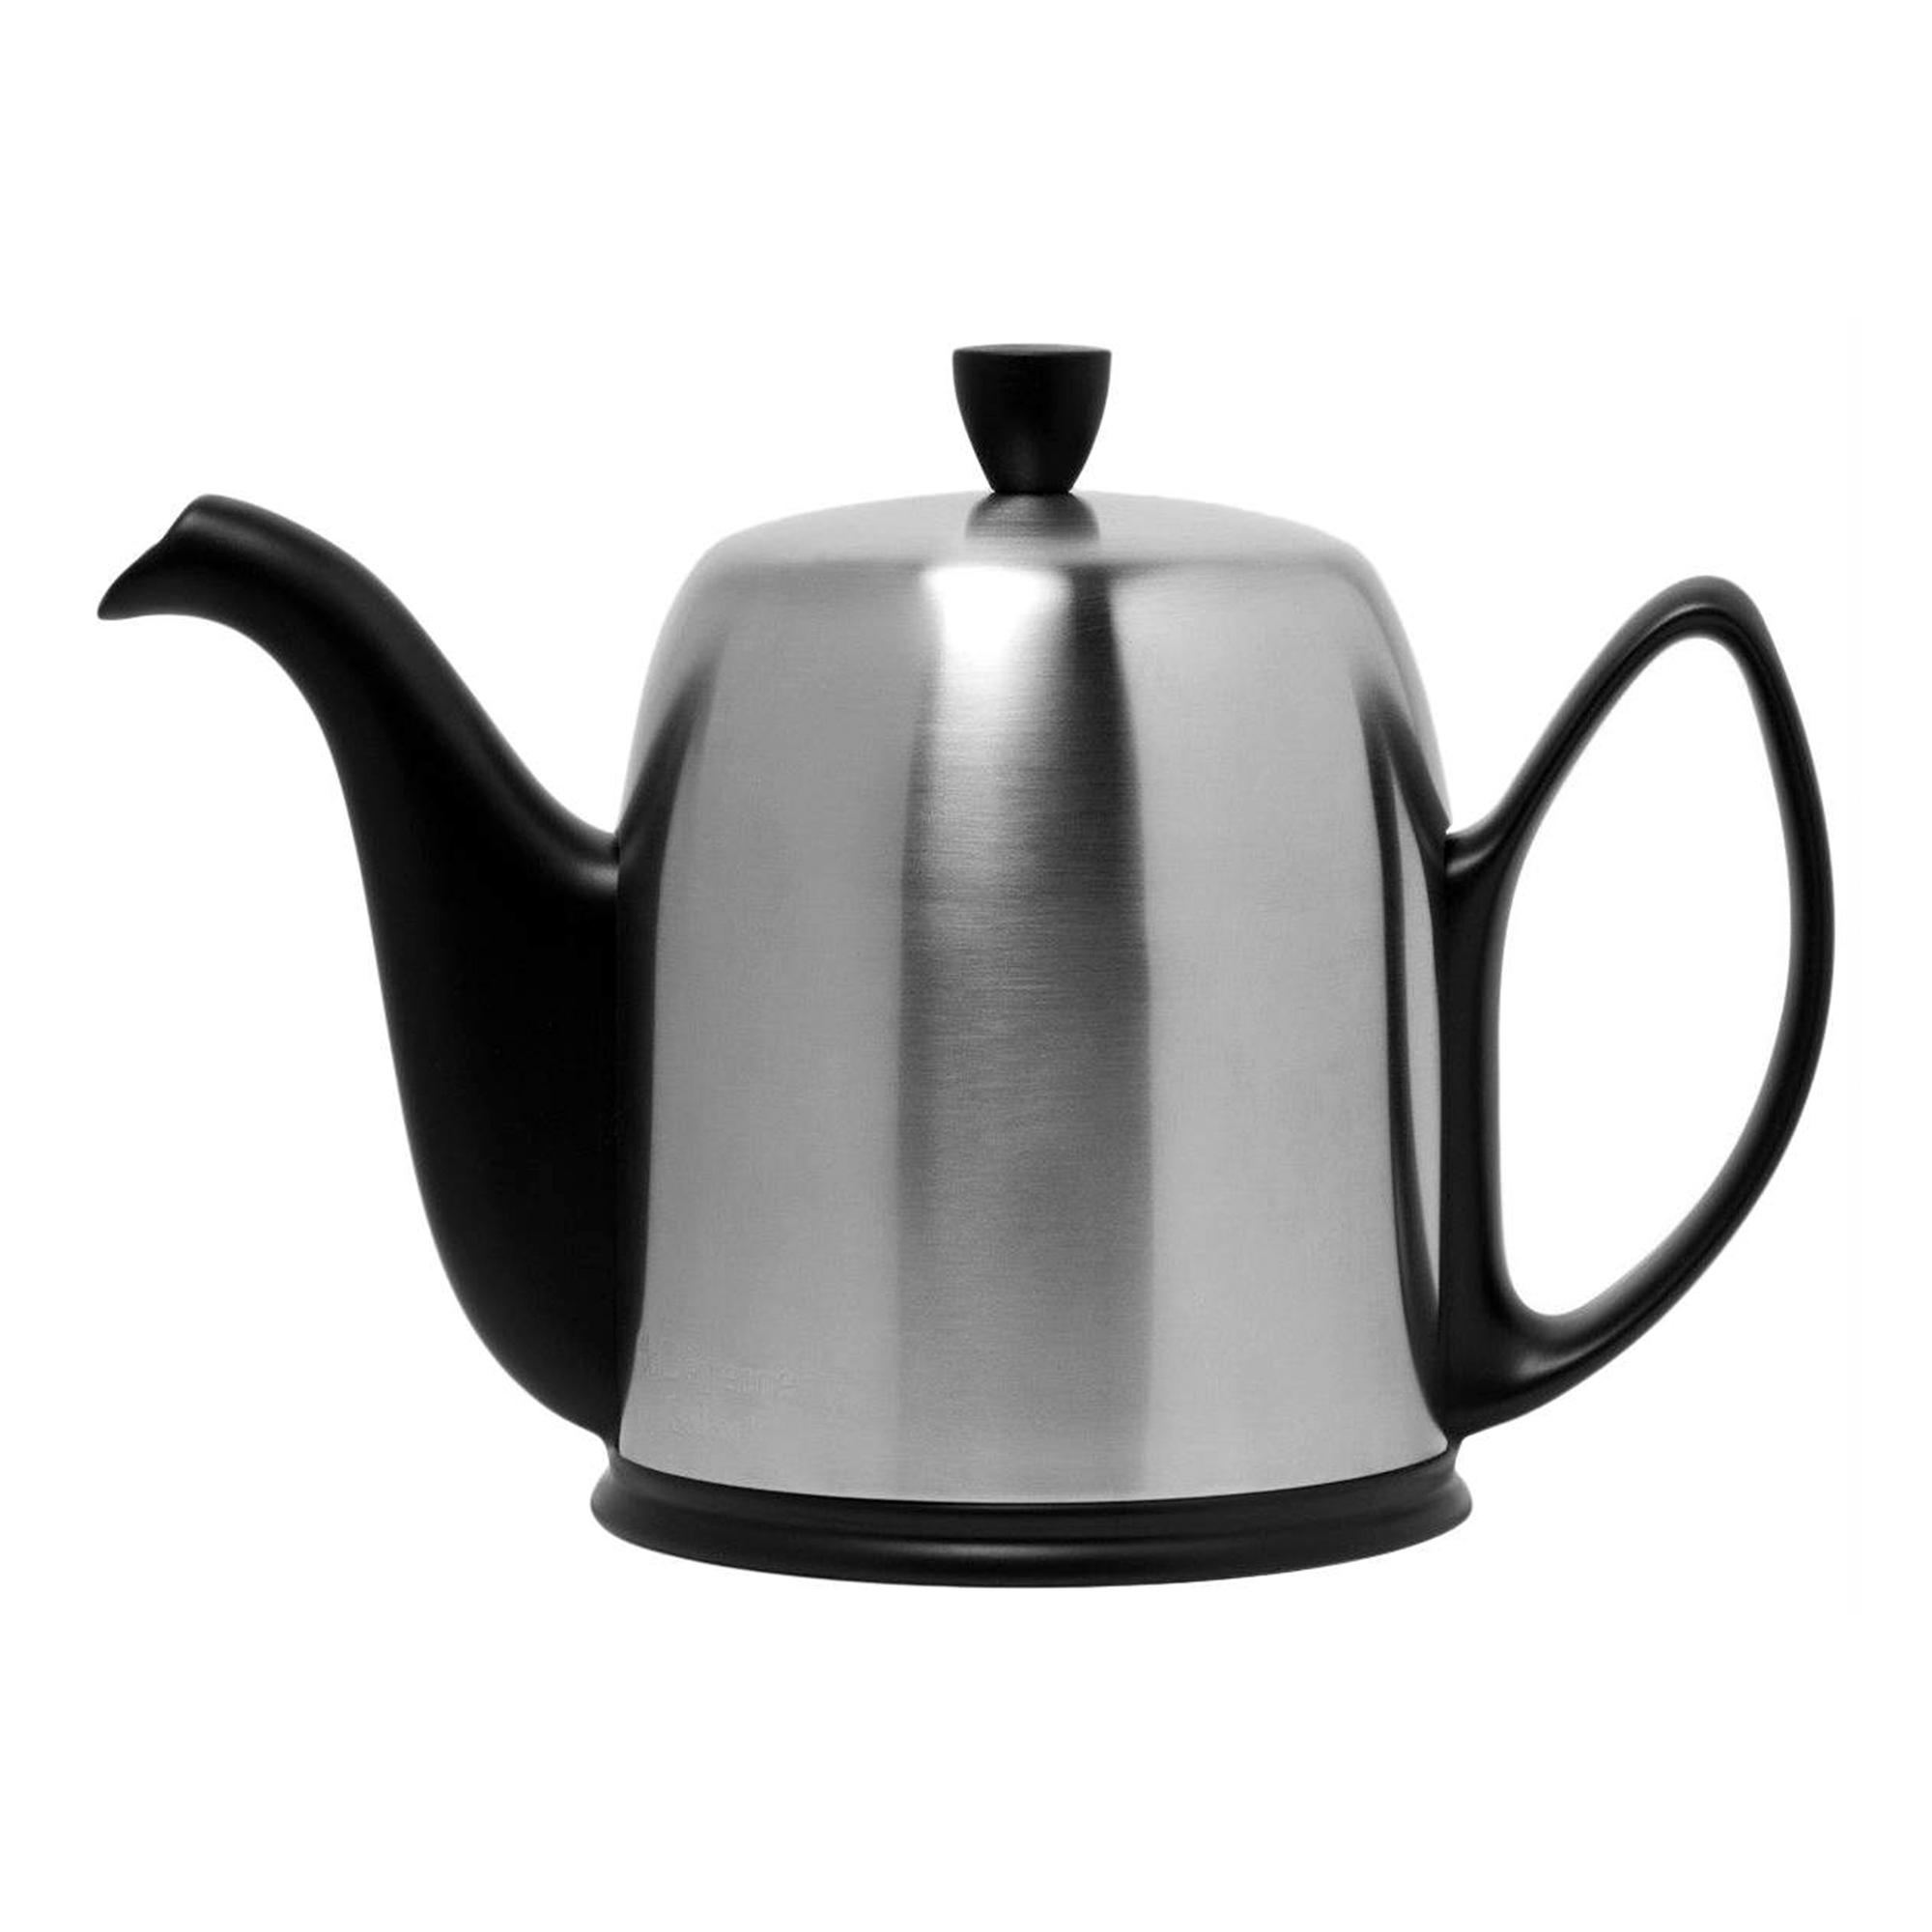 Чайник заварочный Guy Degrenne Mat Black на 4 чашки 0,7 л недорого